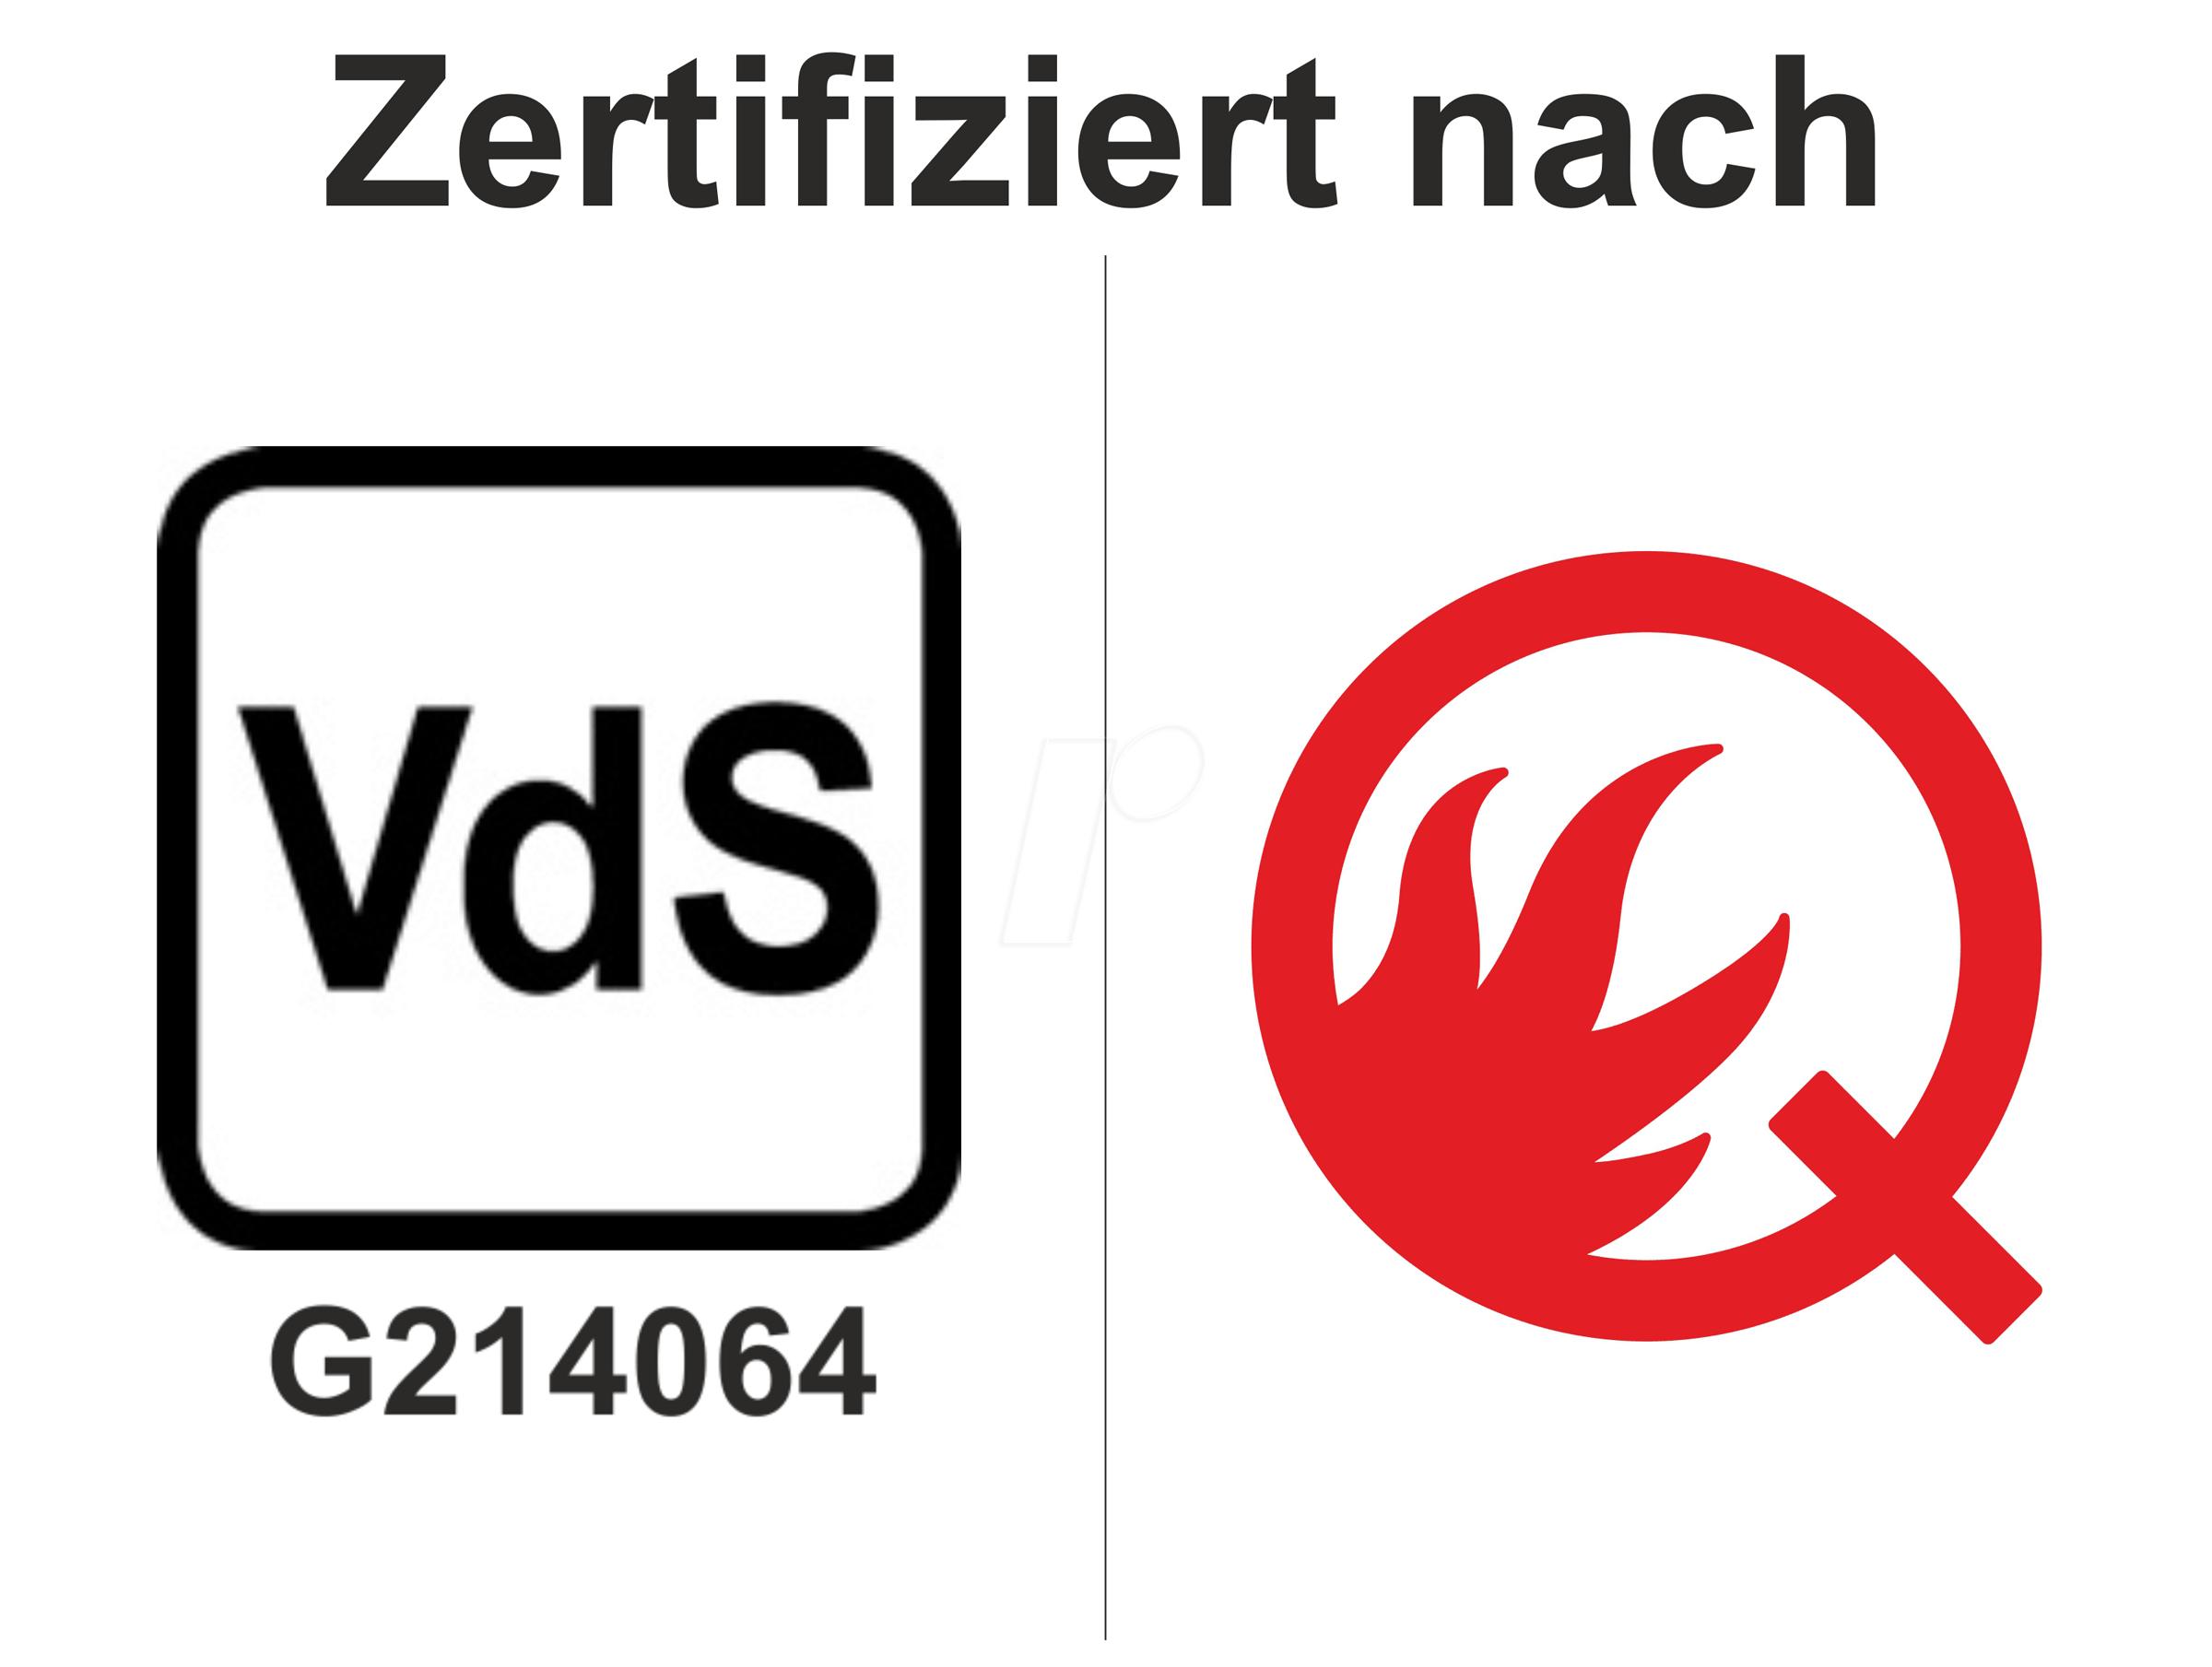 https://cdn-reichelt.de/bilder/web/xxl_ws/H100/Q_VDS_LOGO.png